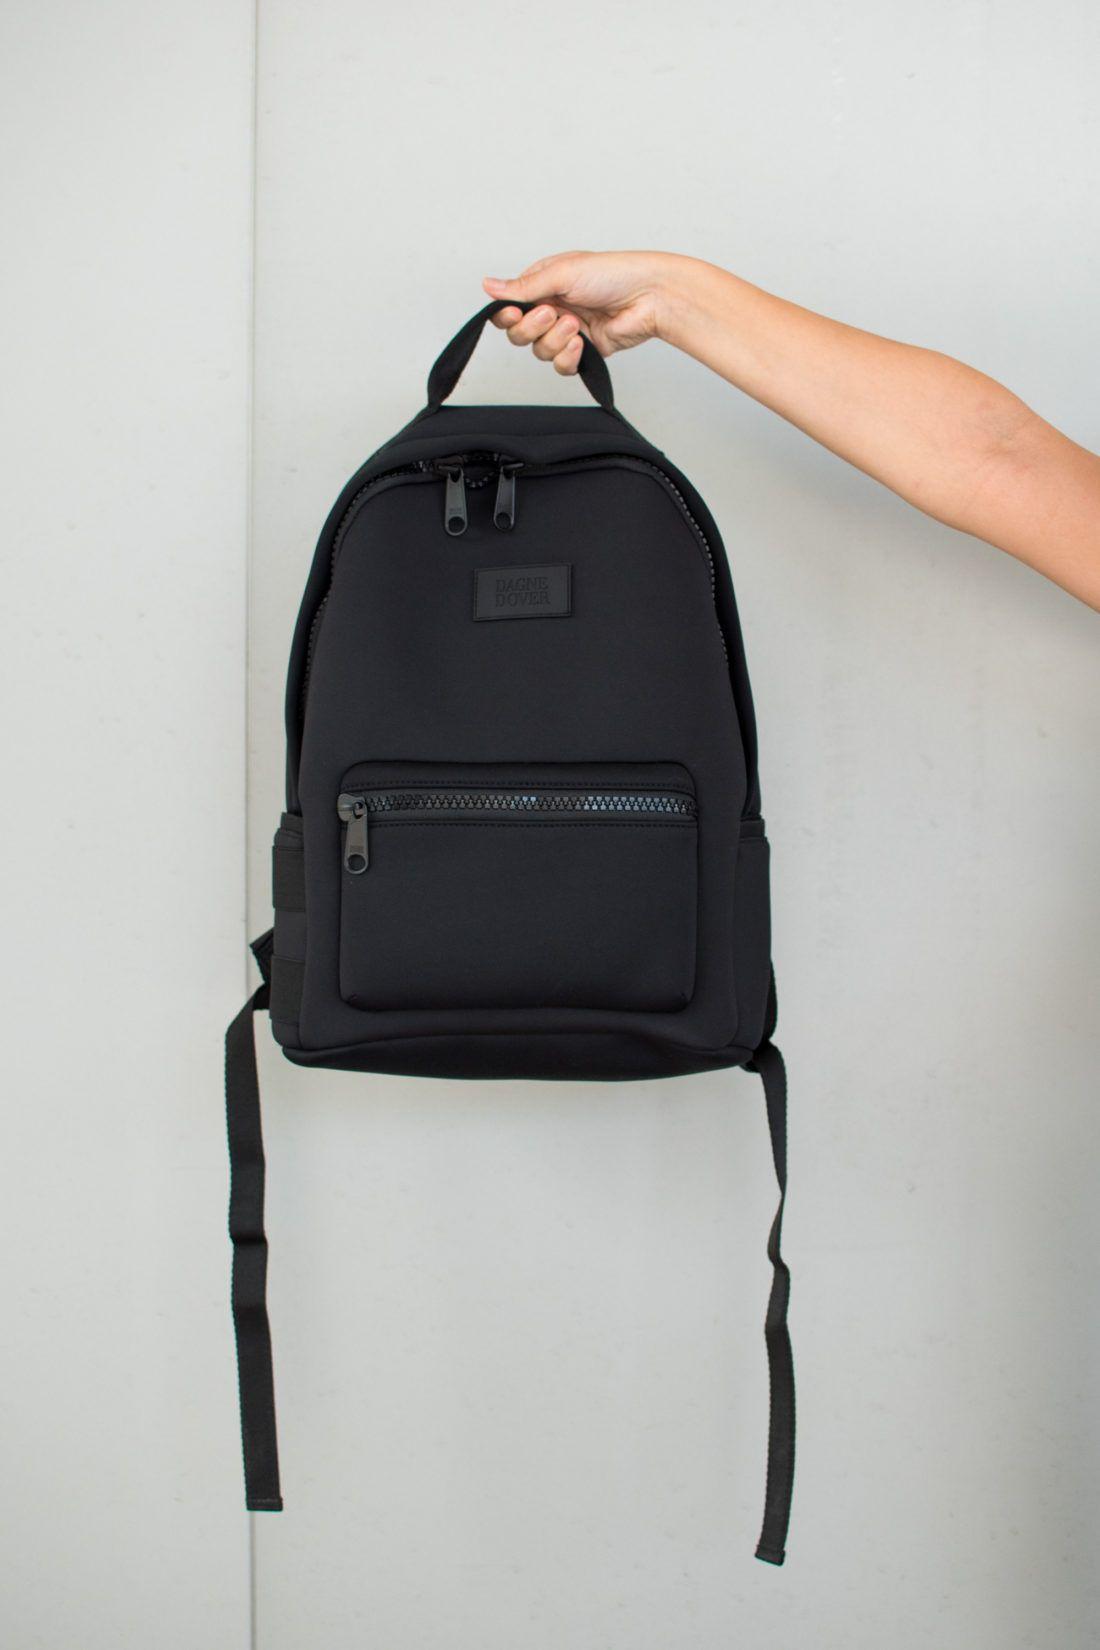 607a7e7e59b692 Dagne Dover Promo Code | BAGS | Dagne dover, Backpacks, Bags